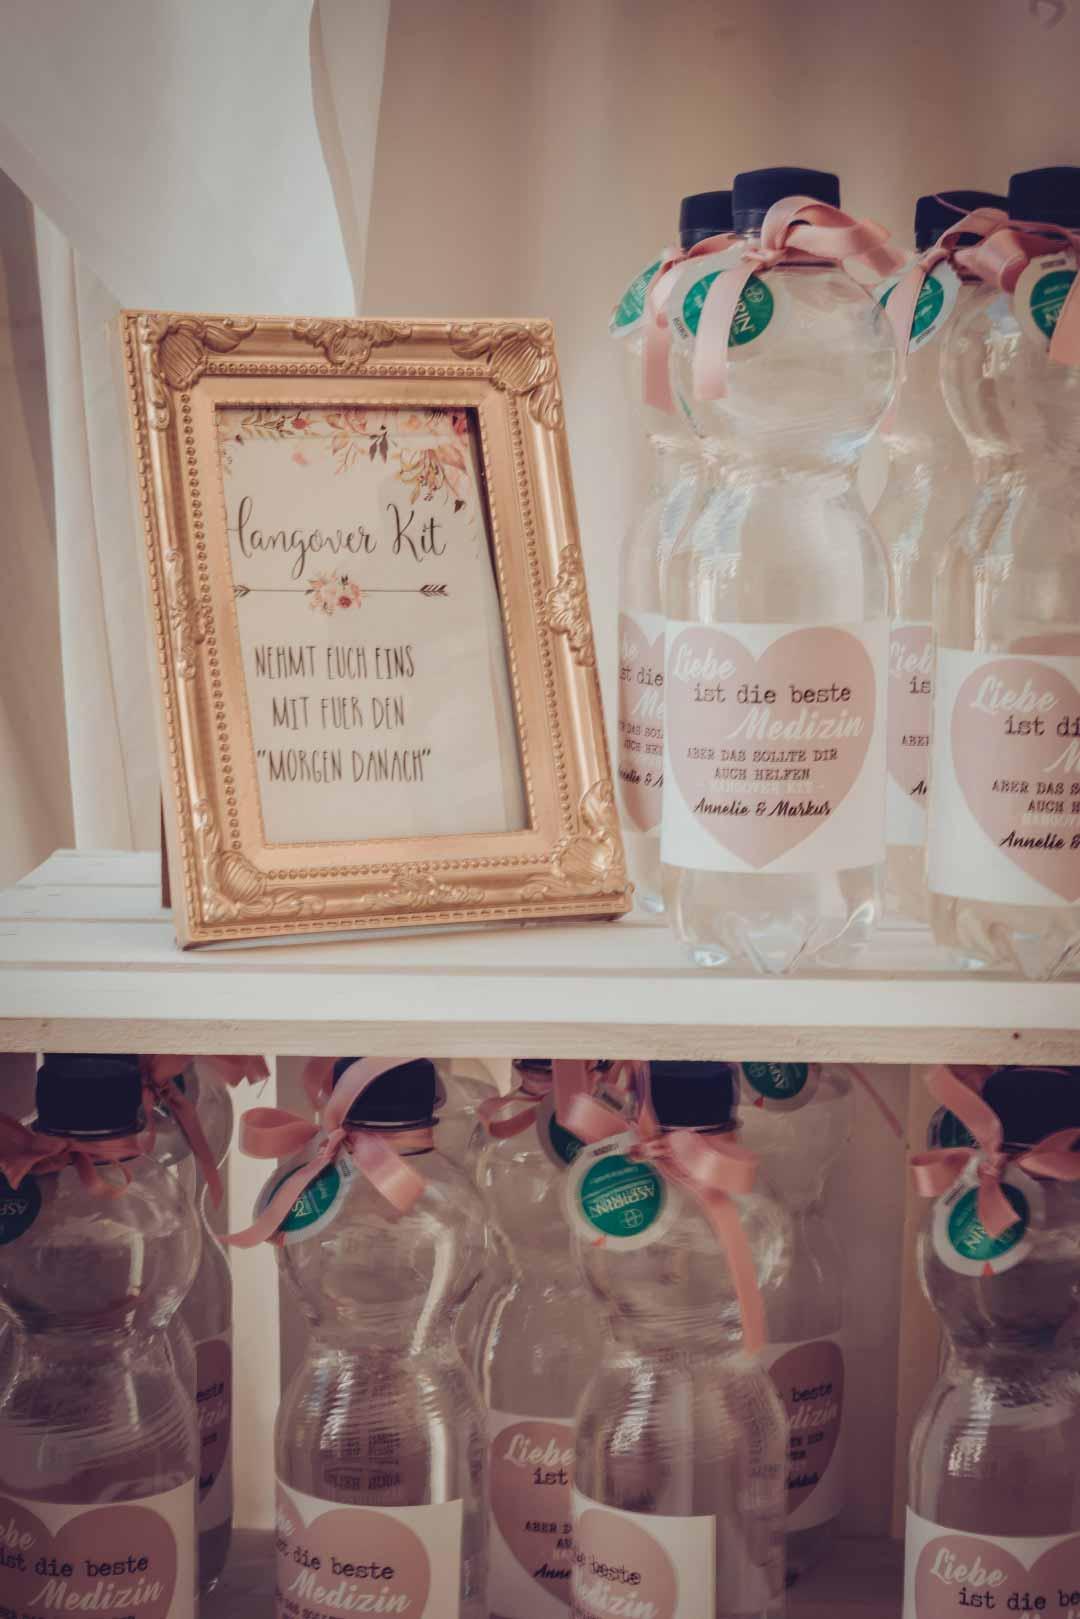 Hangover-Kit bei der Hochzeit mit personalisierter Wasserflasche